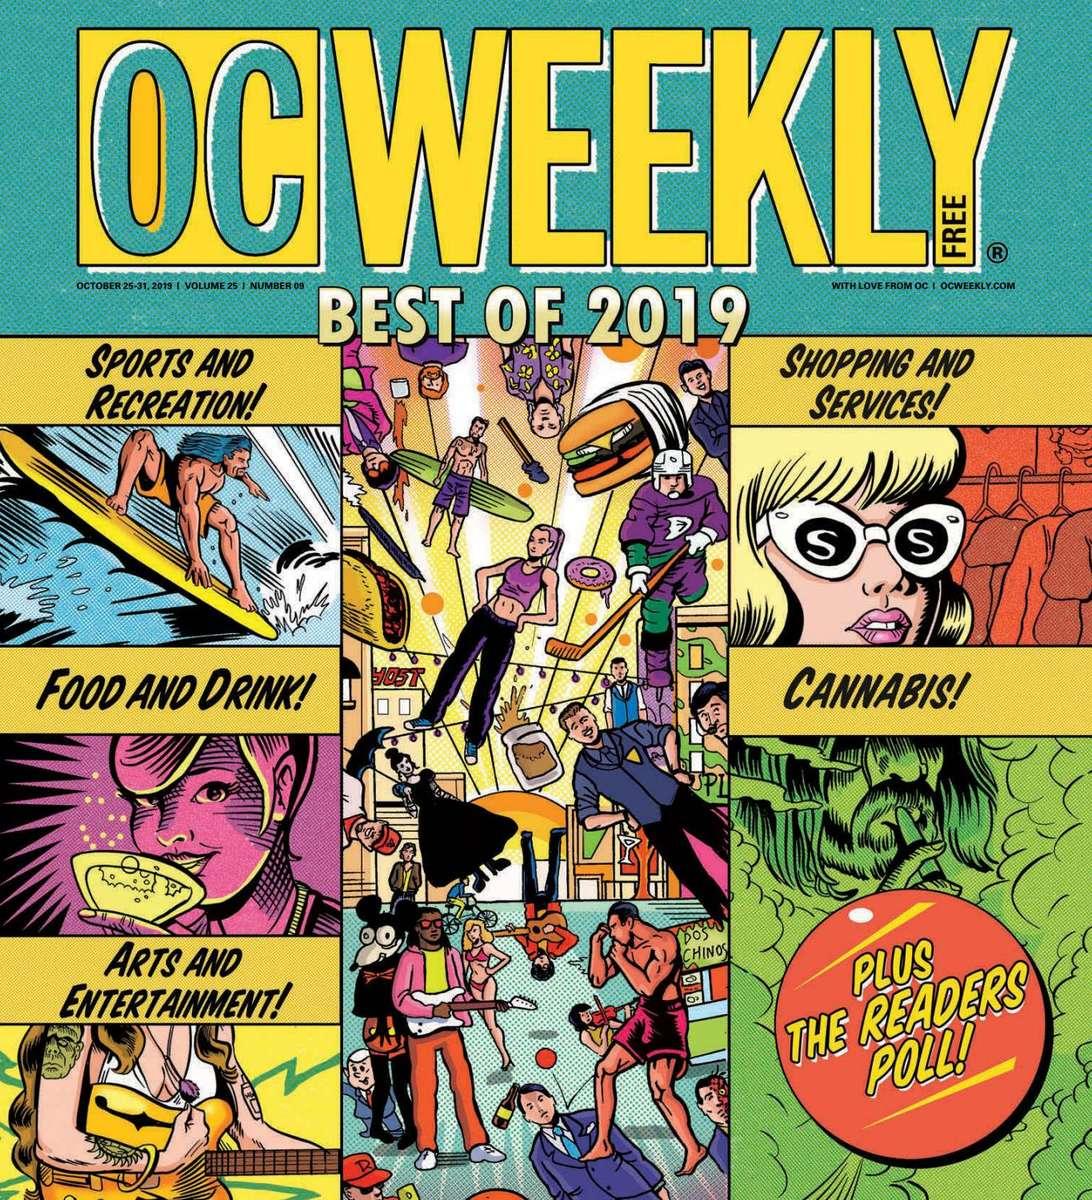 OC Weekly Best Rock Club OC Tavern